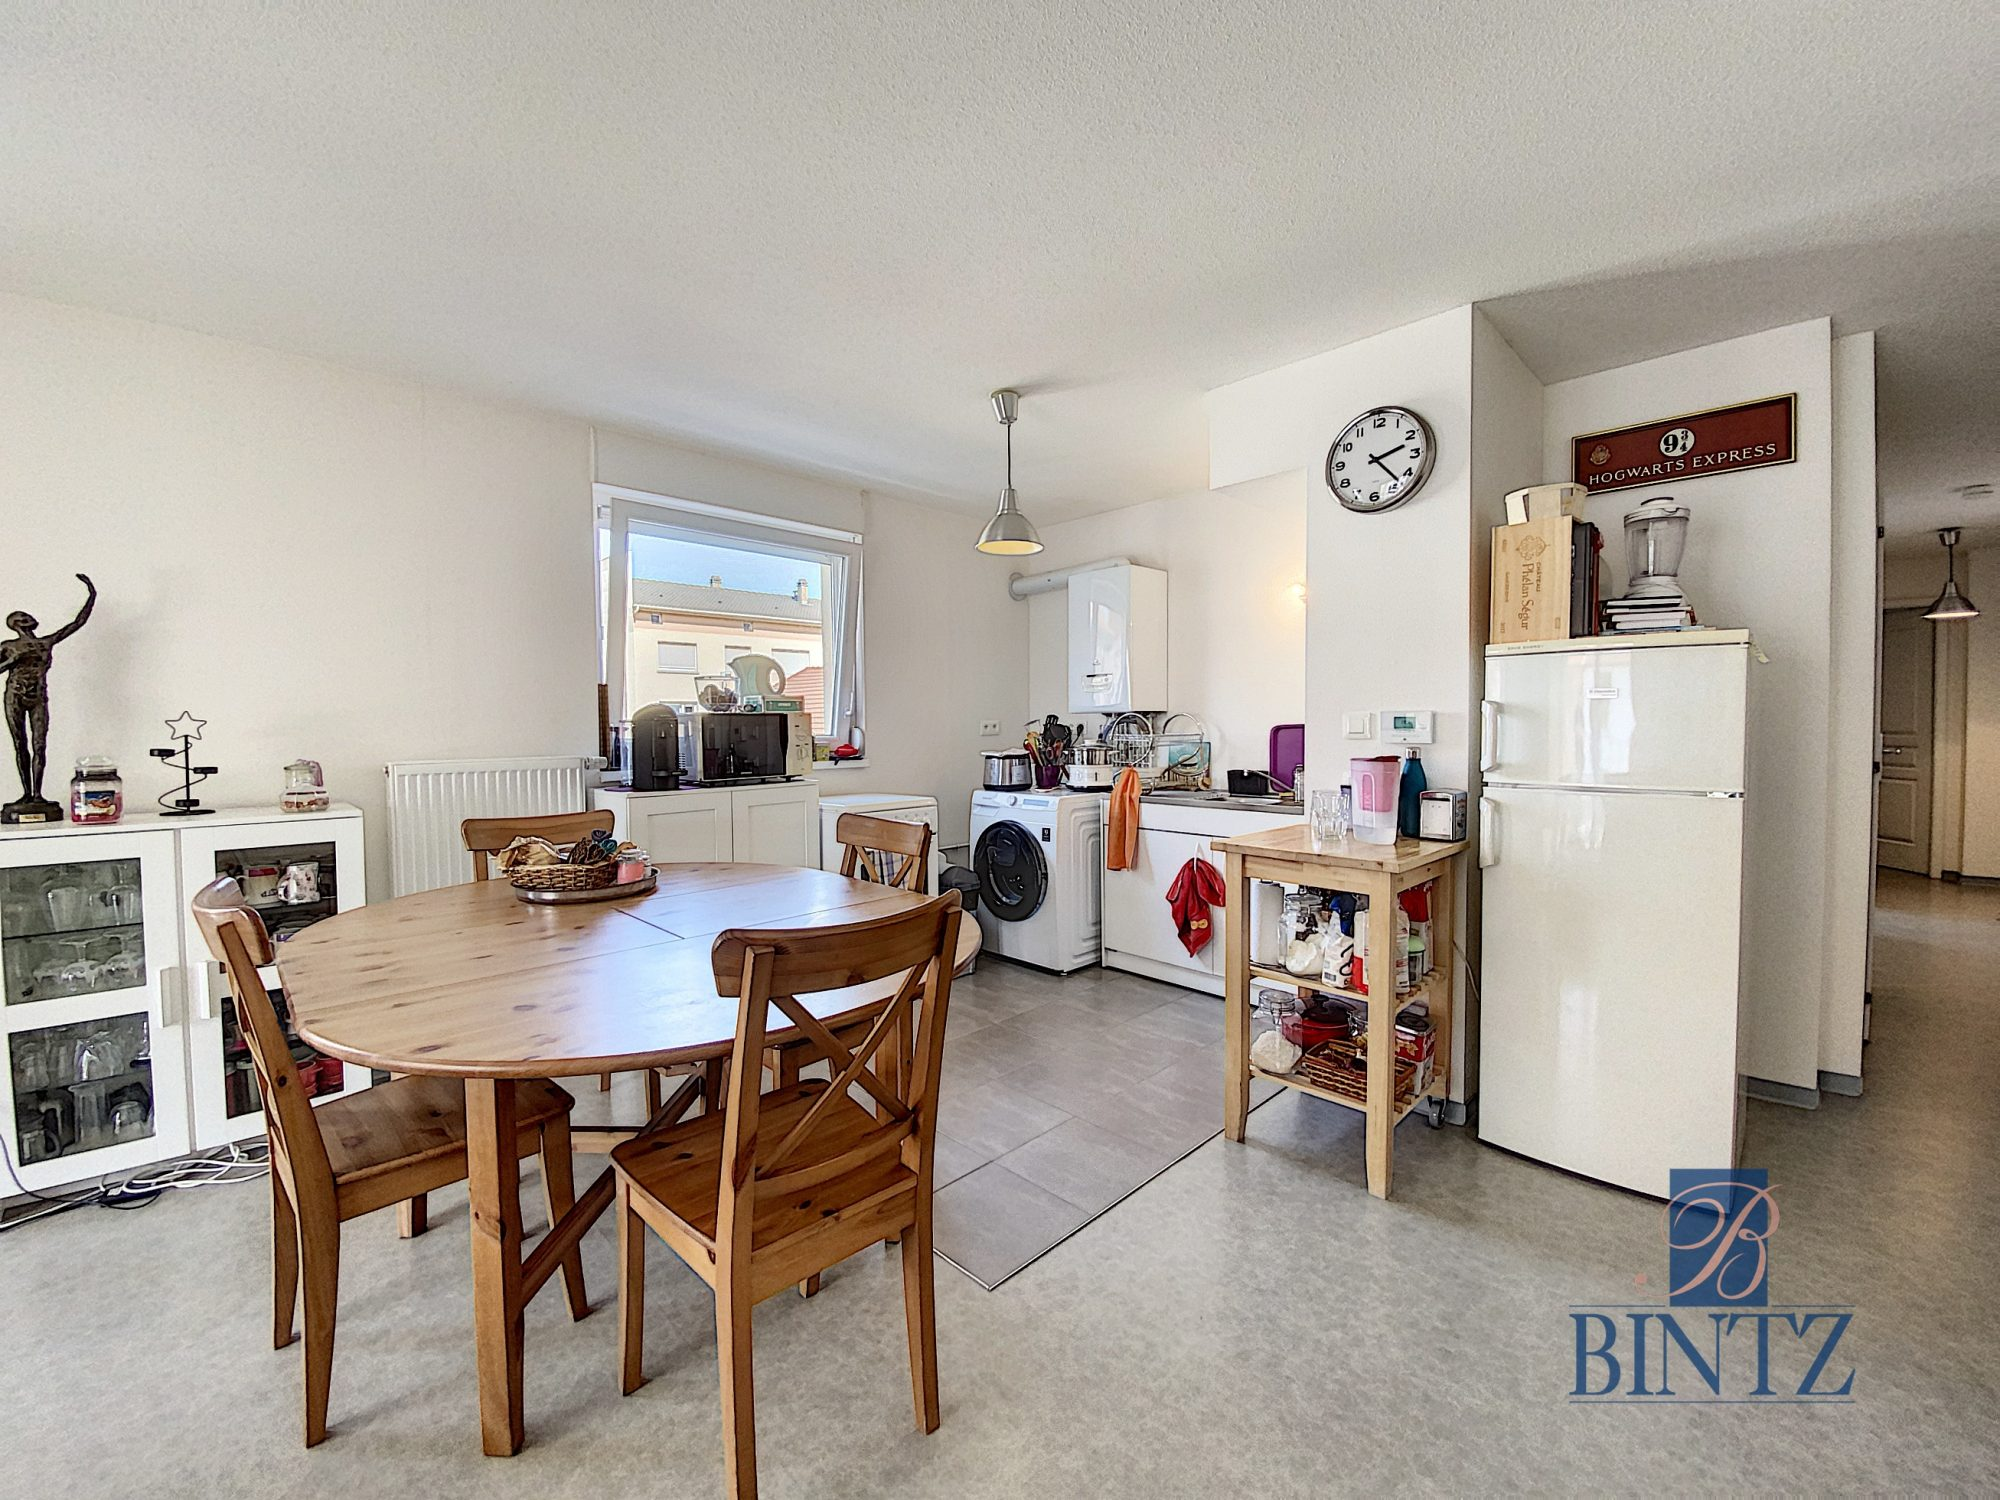 3 pièces neuf avec terrasse Schiltigheim - Devenez propriétaire en toute confiance - Bintz Immobilier - 18